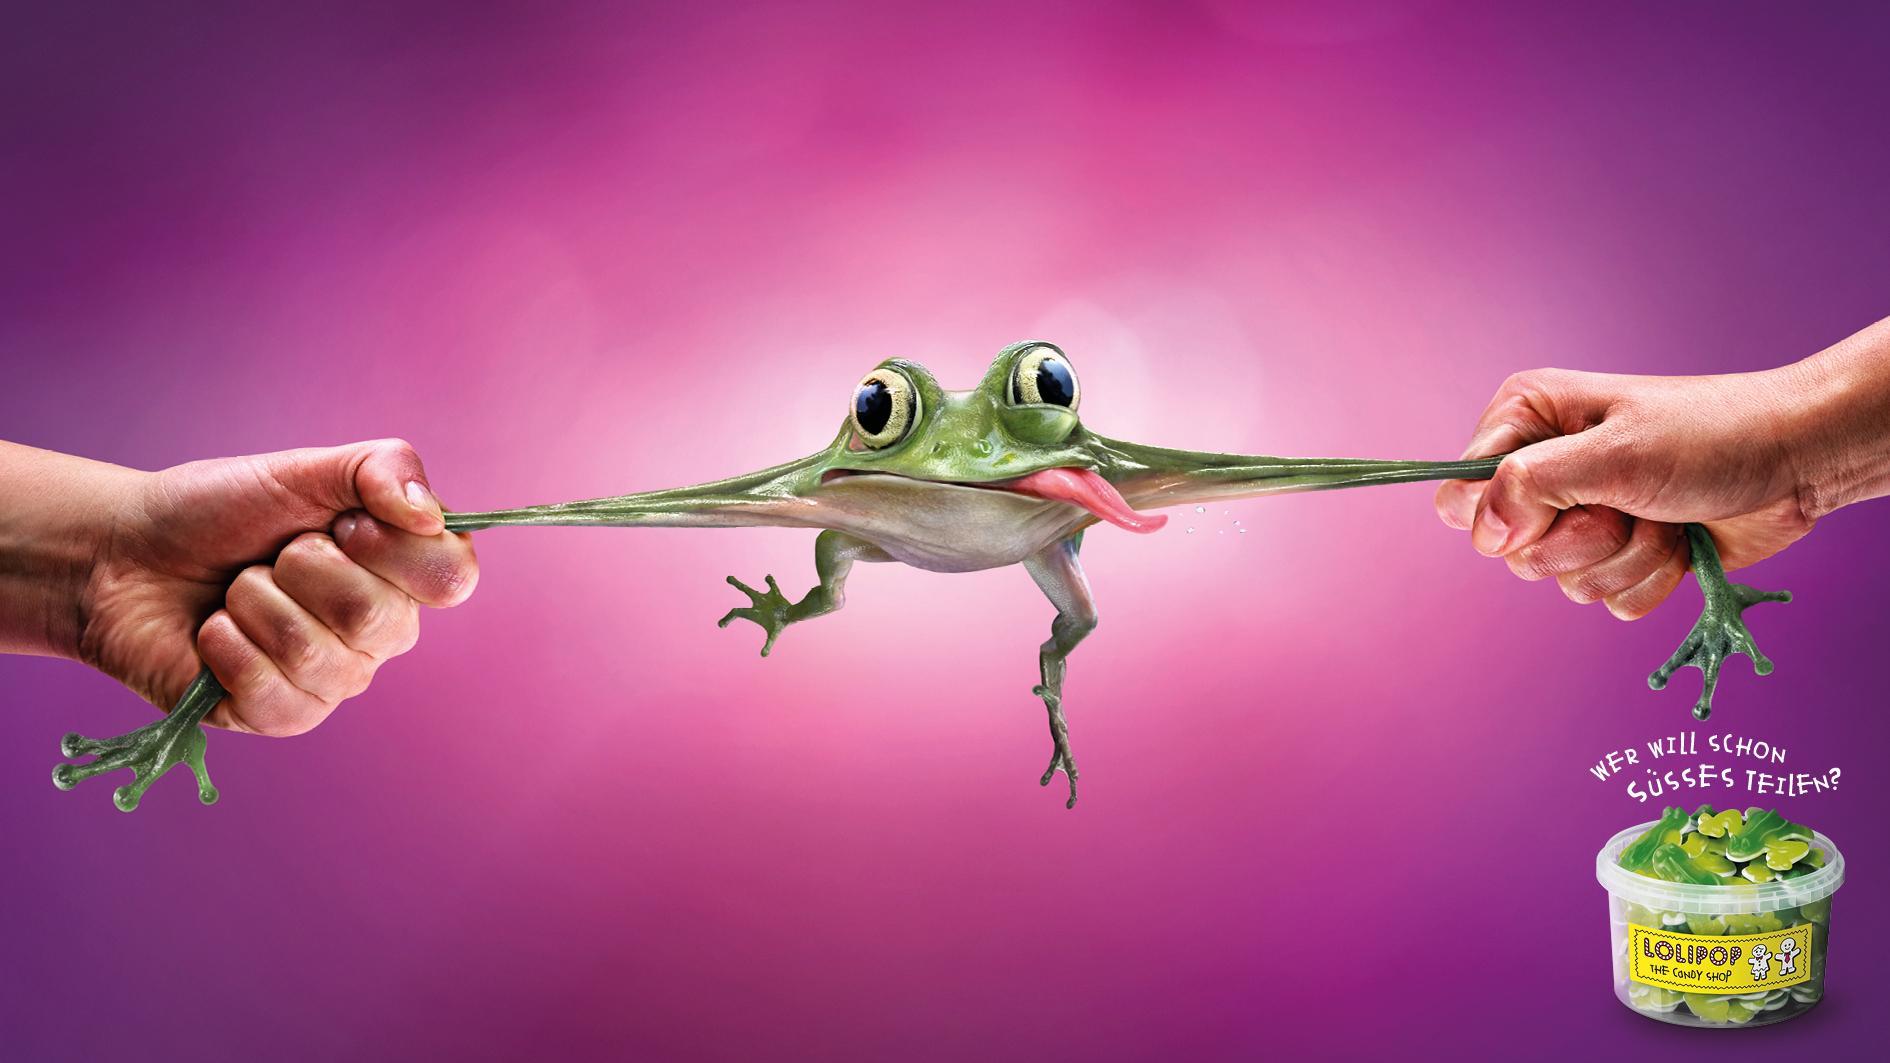 2_Lolipop_frog.jpg